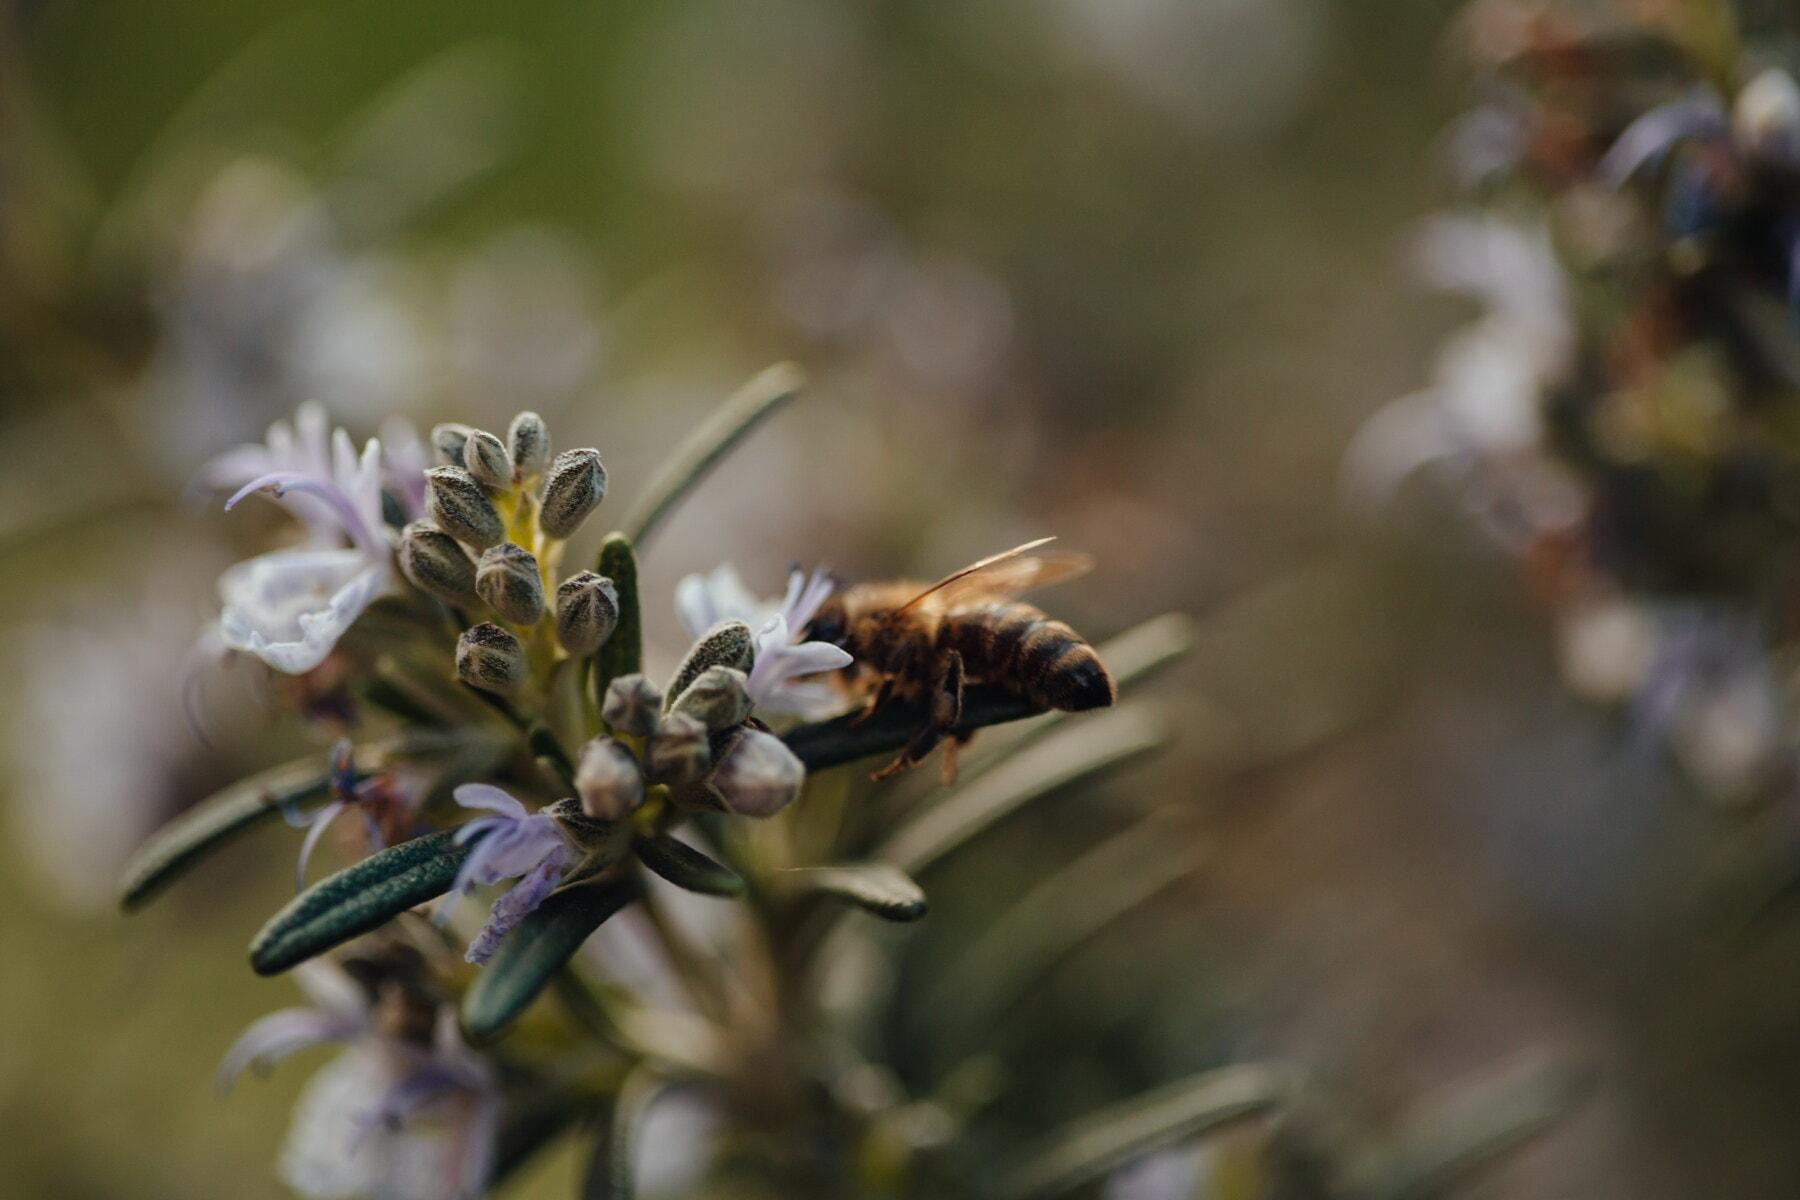 宏, 迭, 野花, 近距离, 蜜蜂, 蜜蜂, 授粉, 花蜜, 花粉, 模糊